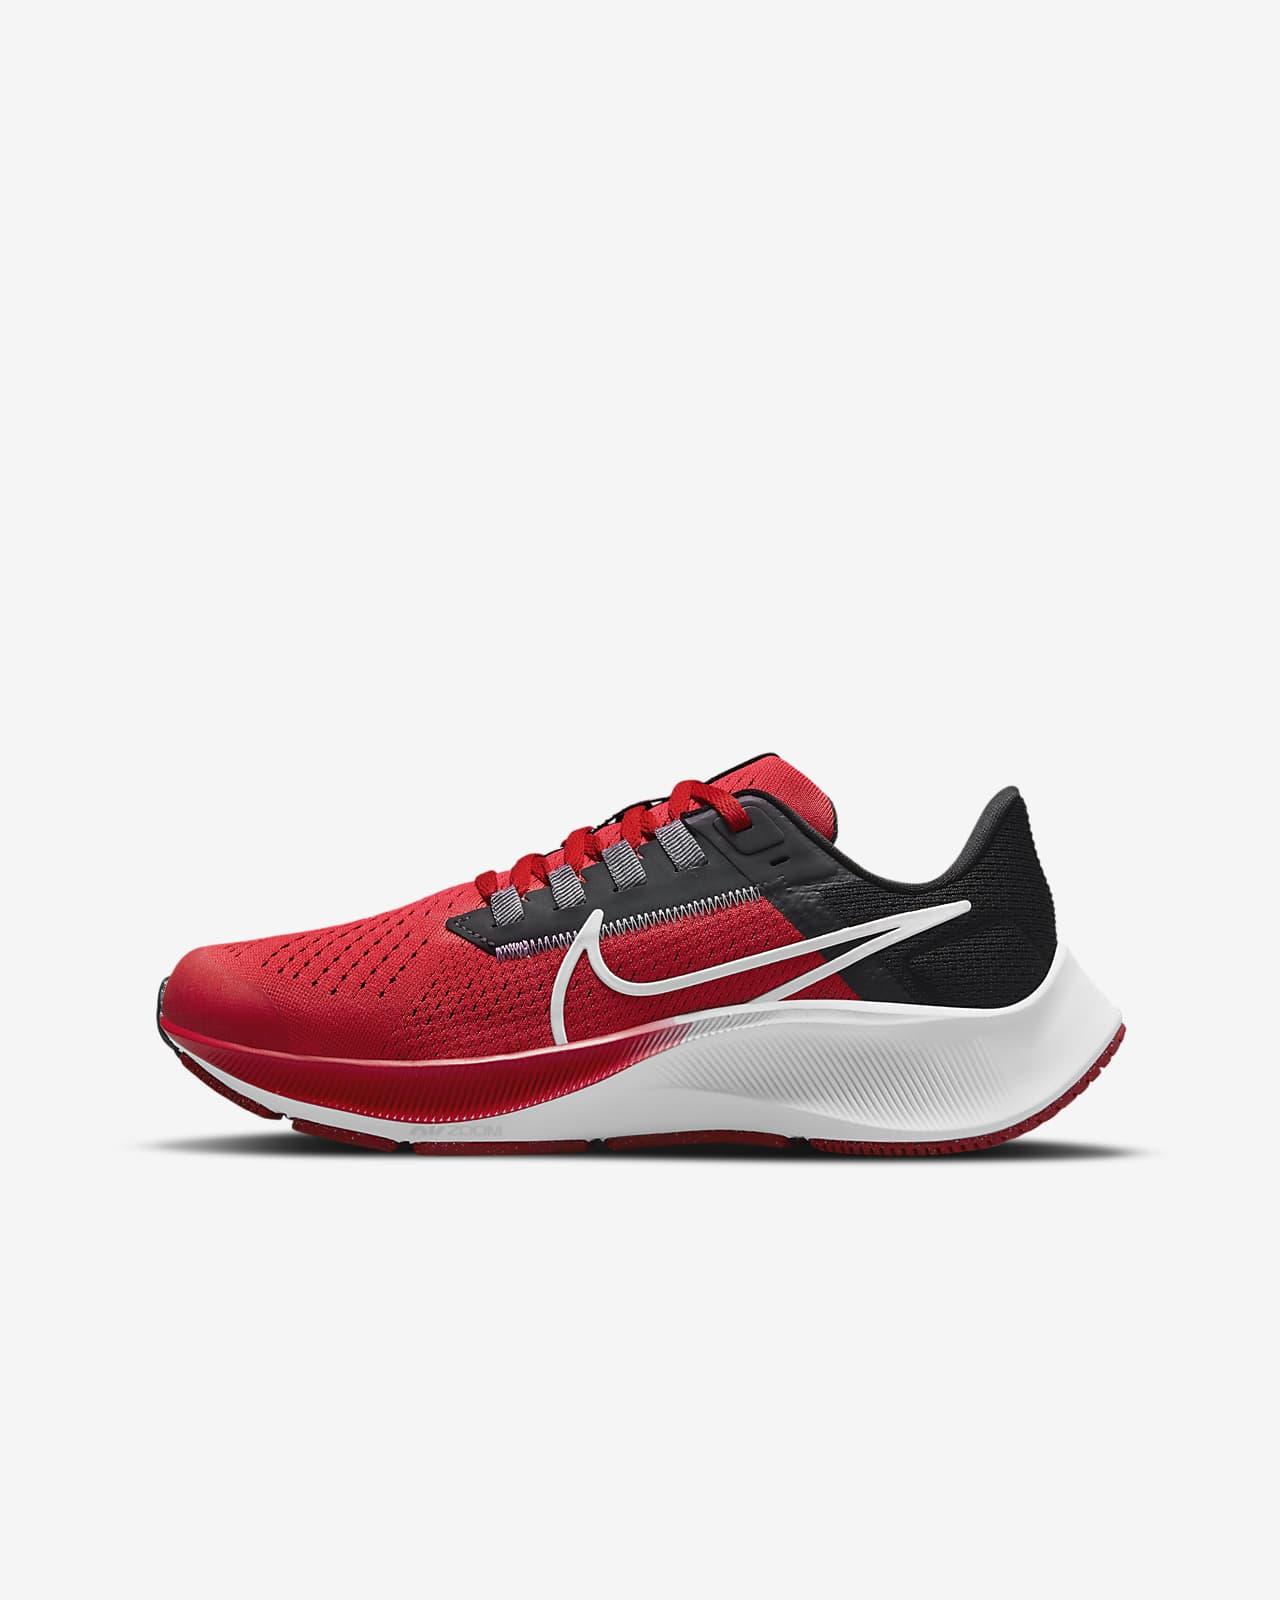 Nike Air Zoom Pegasus 38 Hardloopschoen voor kleuters/kids